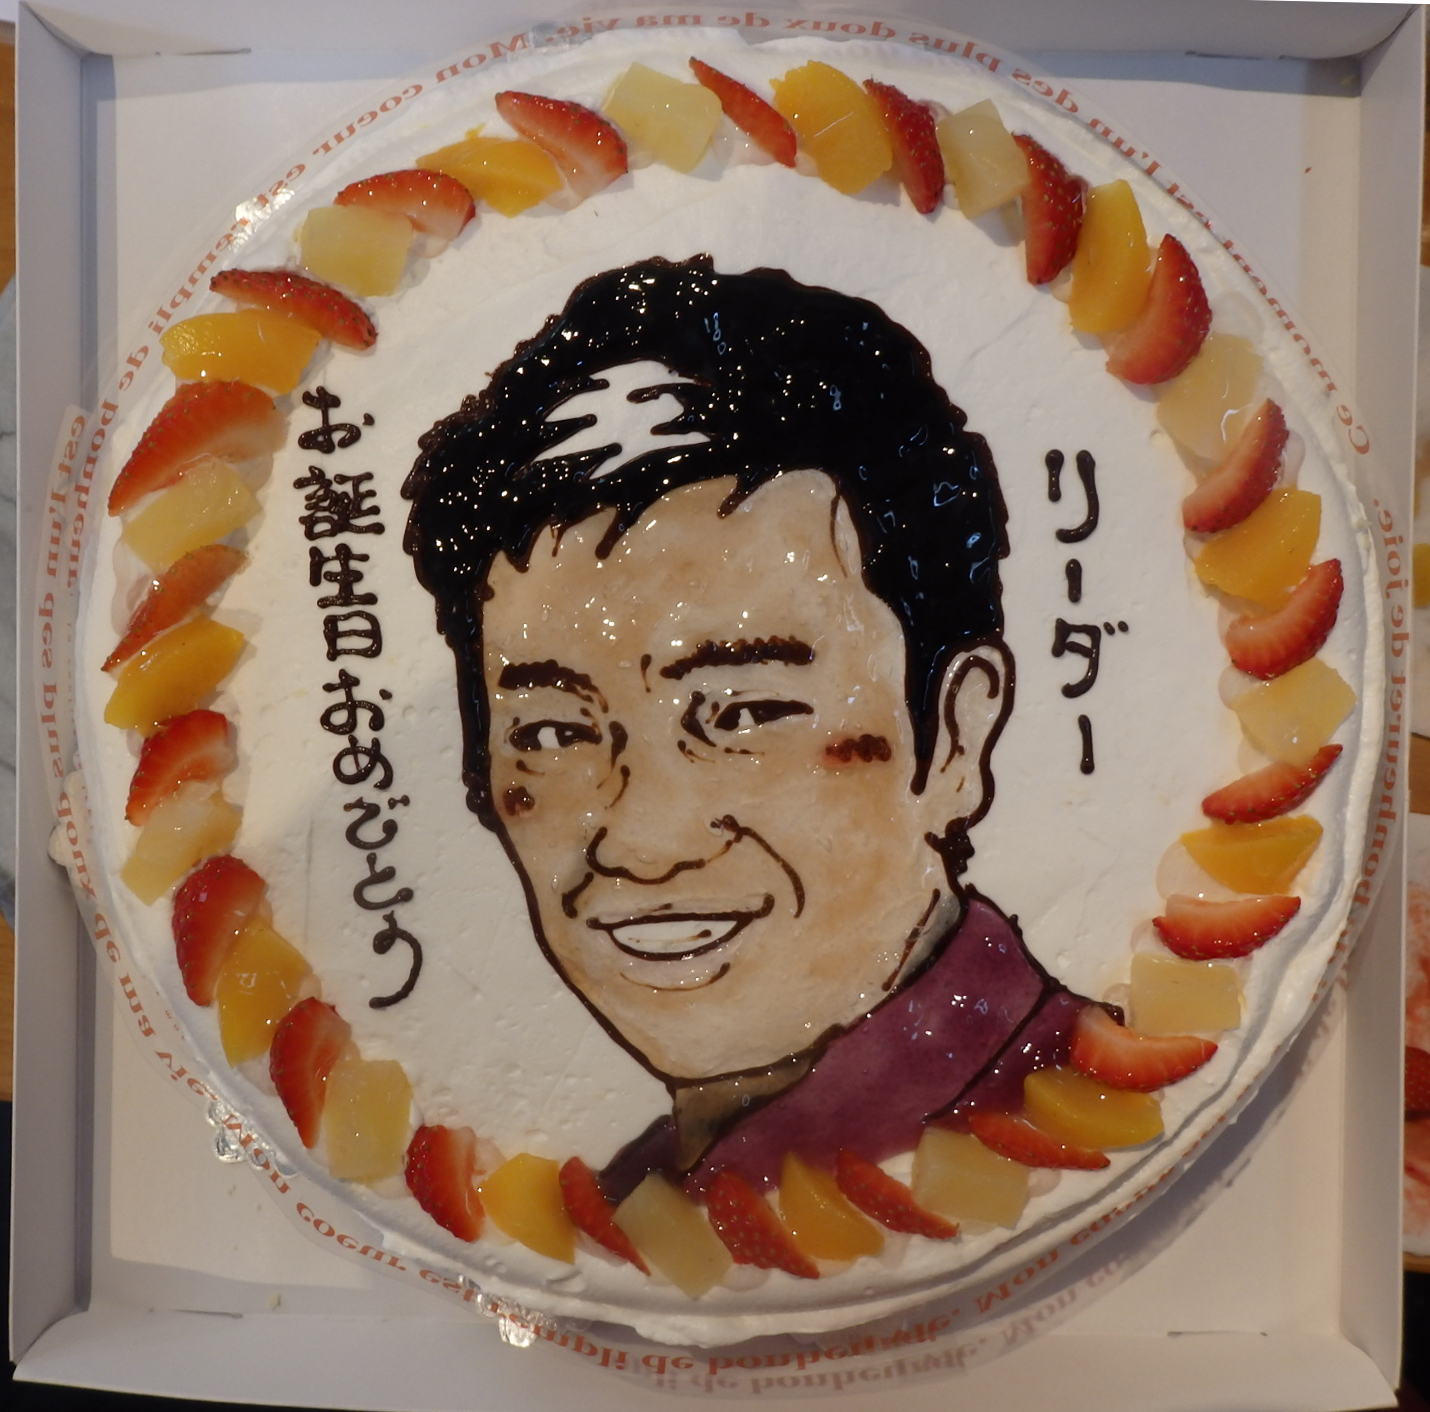 似顔絵ケーキ 5号 15cmの画像4枚目